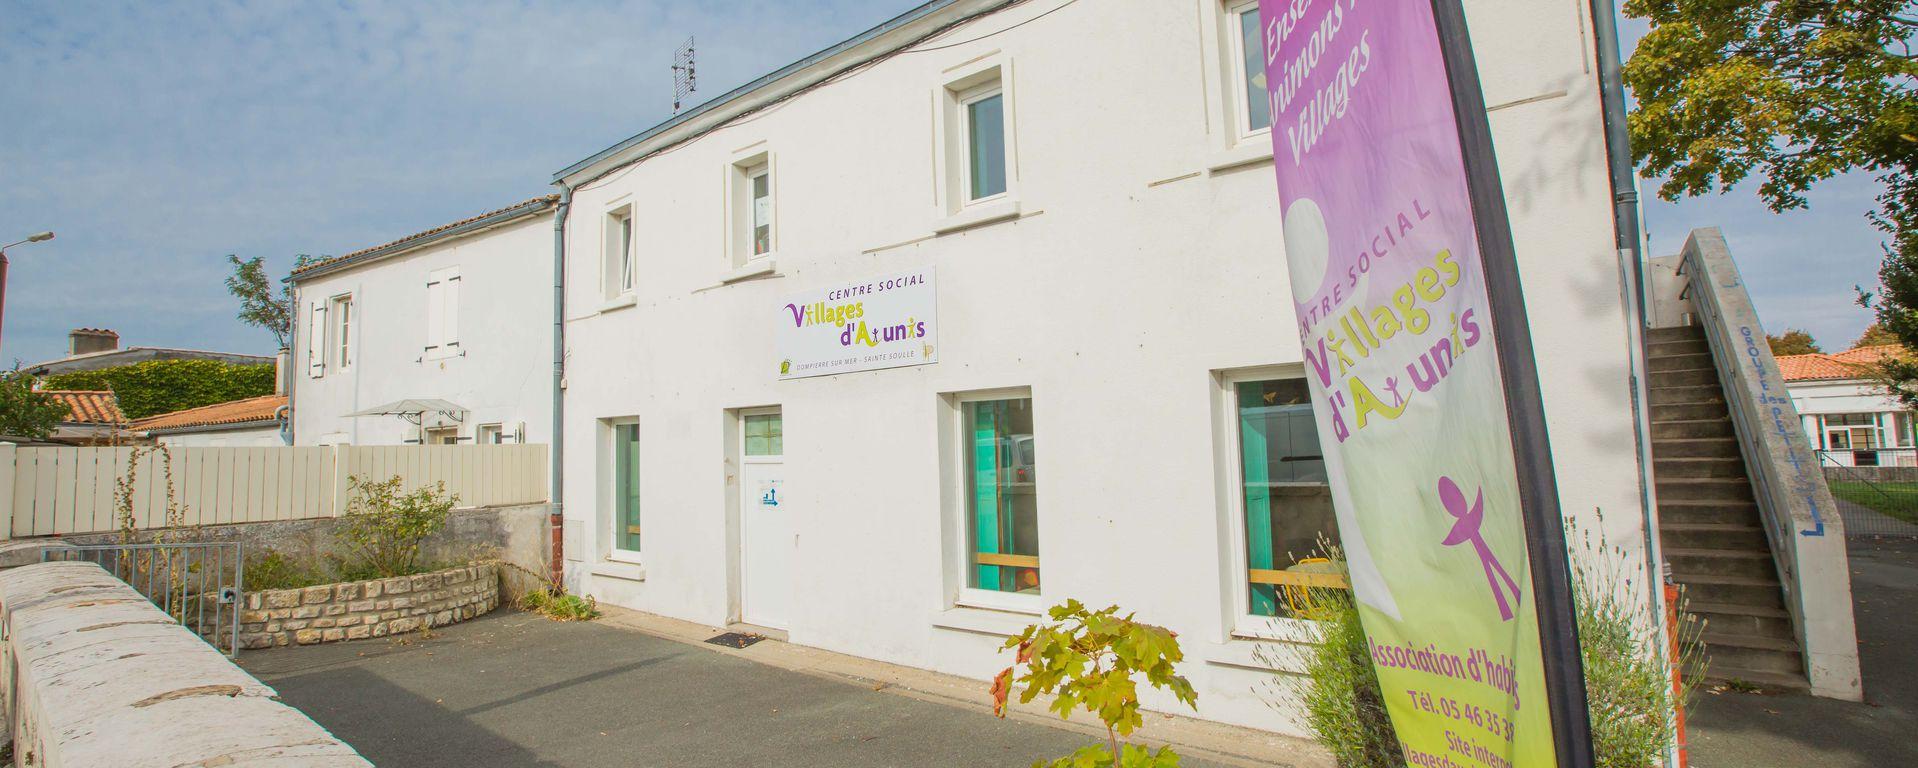 Locaux du Centre Social (Copyright - Mairie de Dompierre sur Mer)